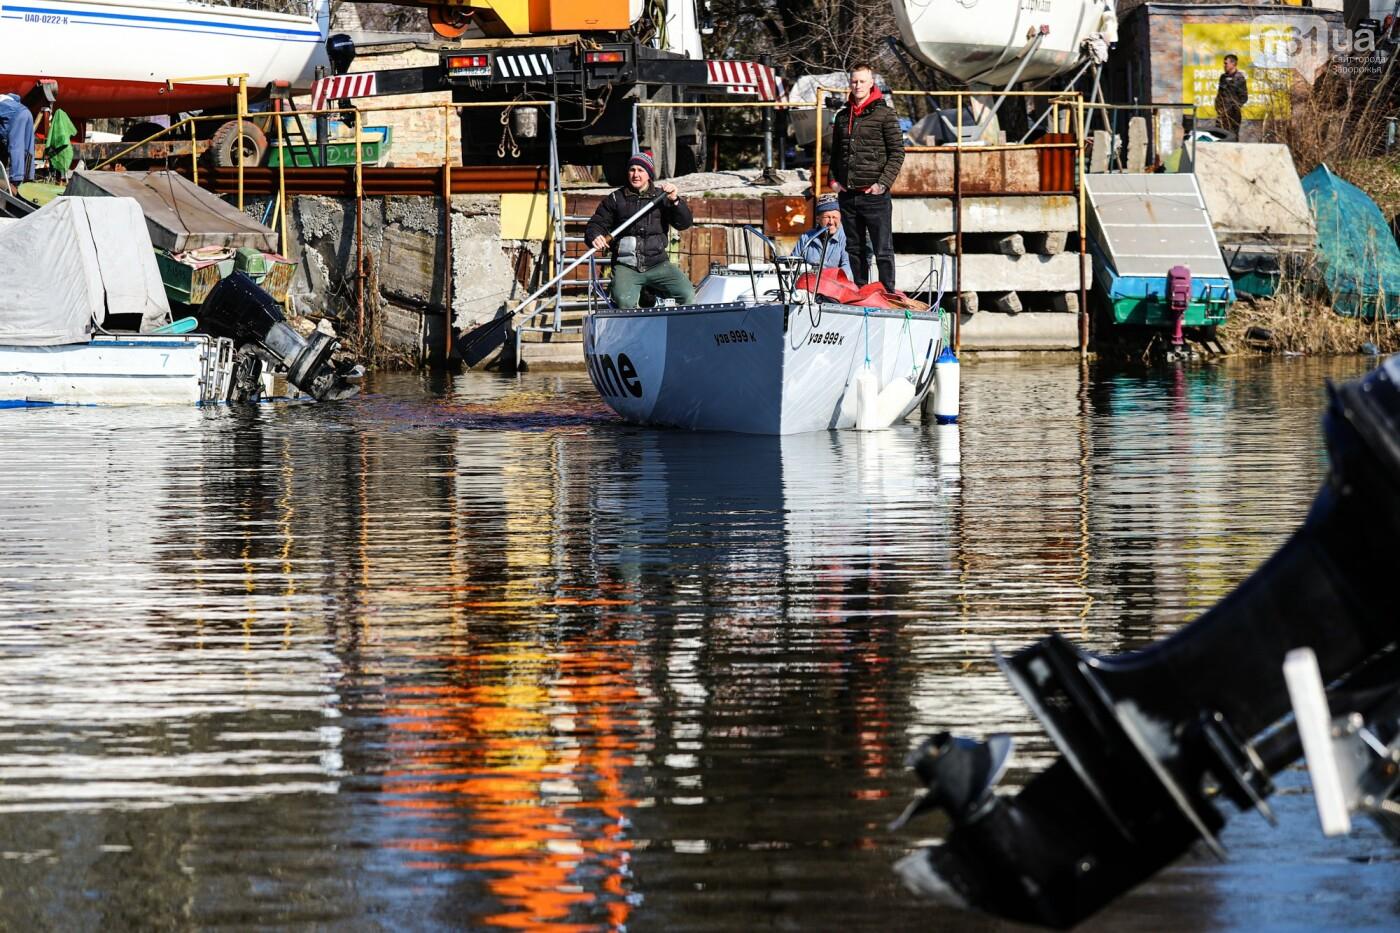 «Семь футов под килем!»: как в запорожском яхт-клубе спускали судна на воду, - ФОТОРЕПОРТАЖ , фото-33